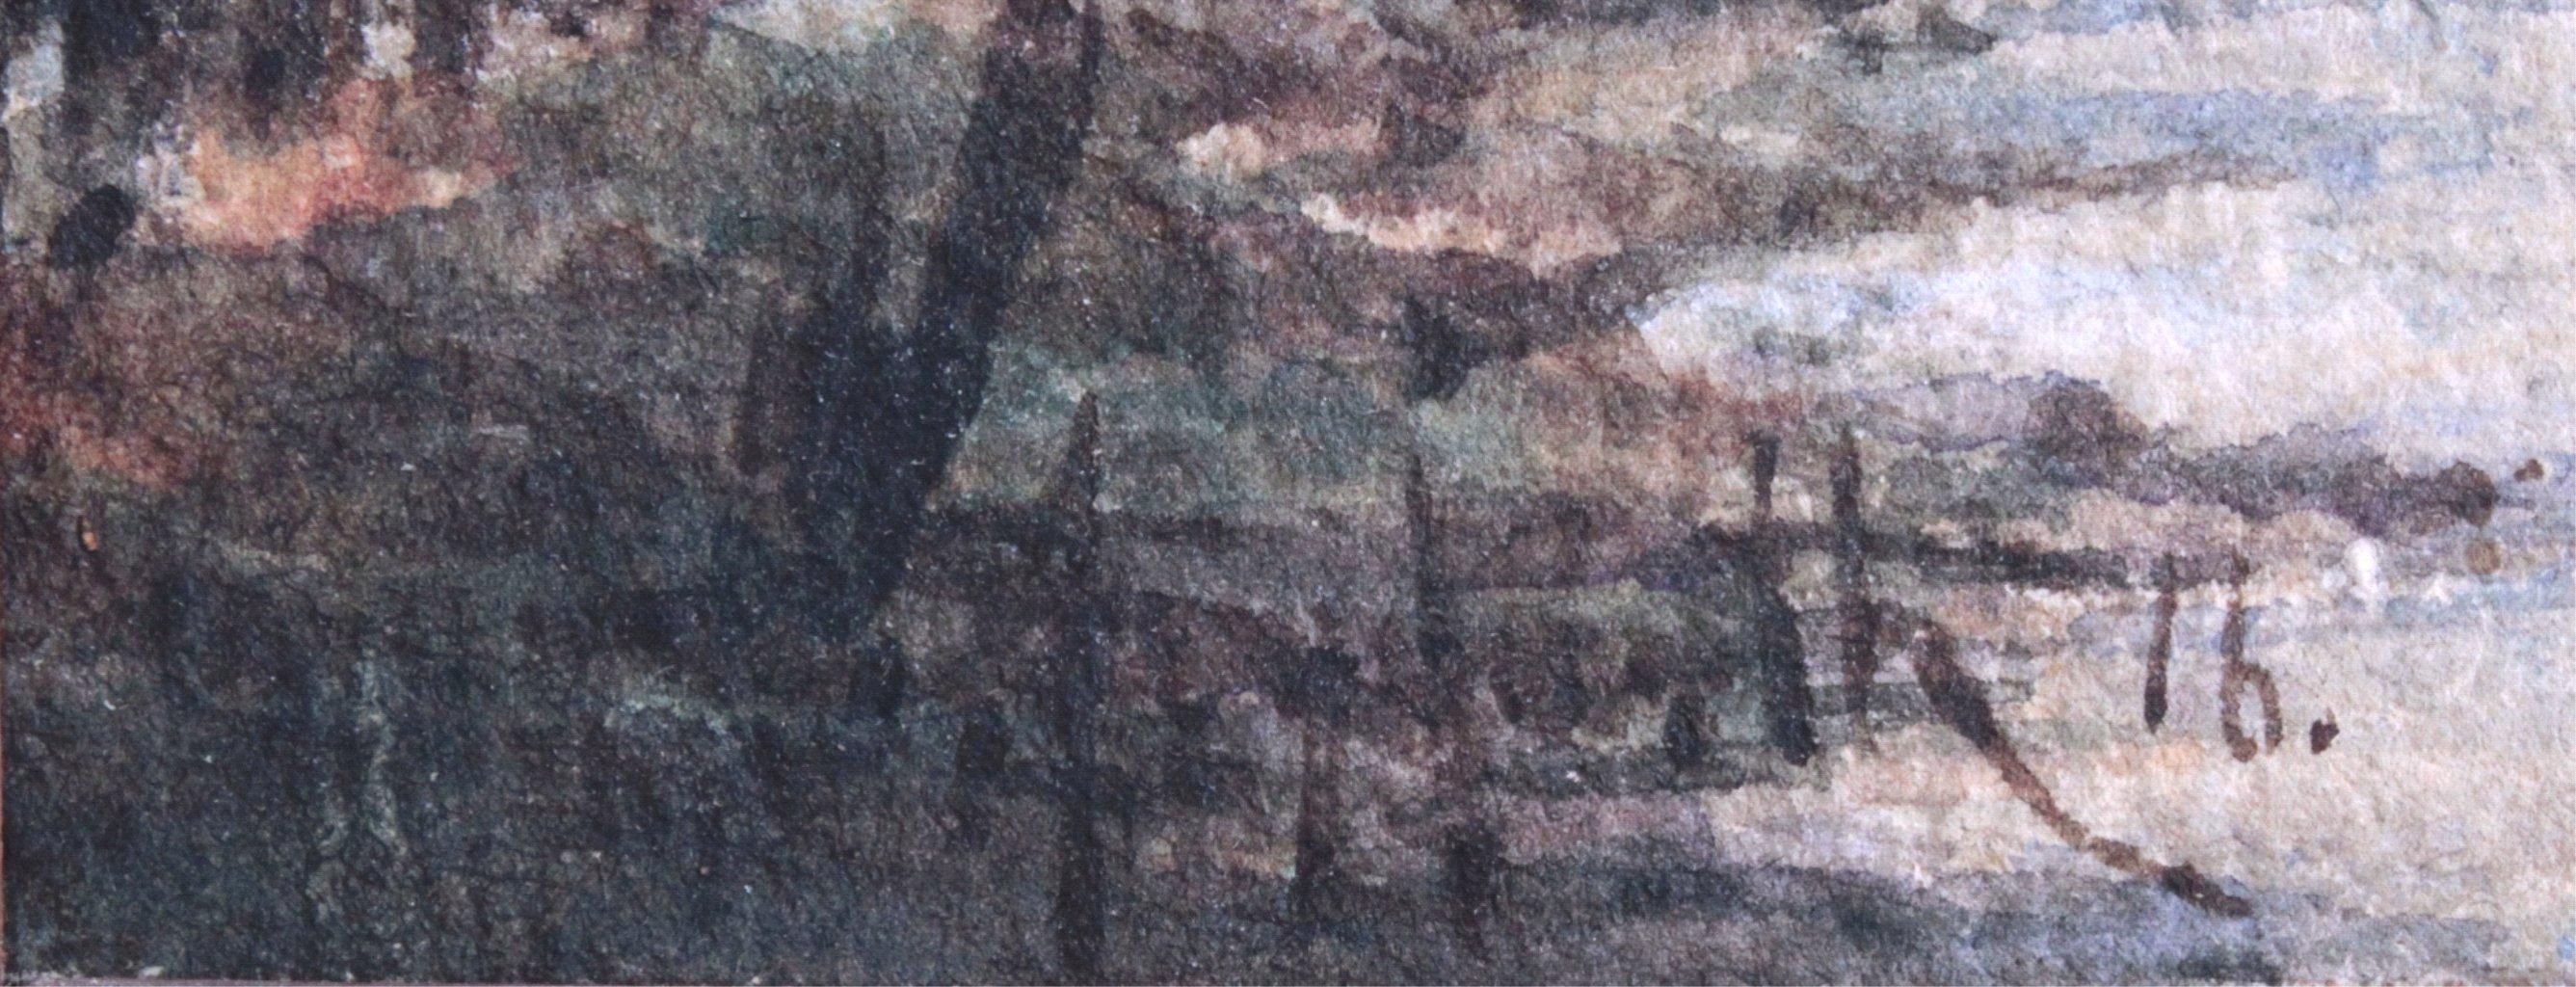 Zwei Landschaftsaquarelle von 1916-3